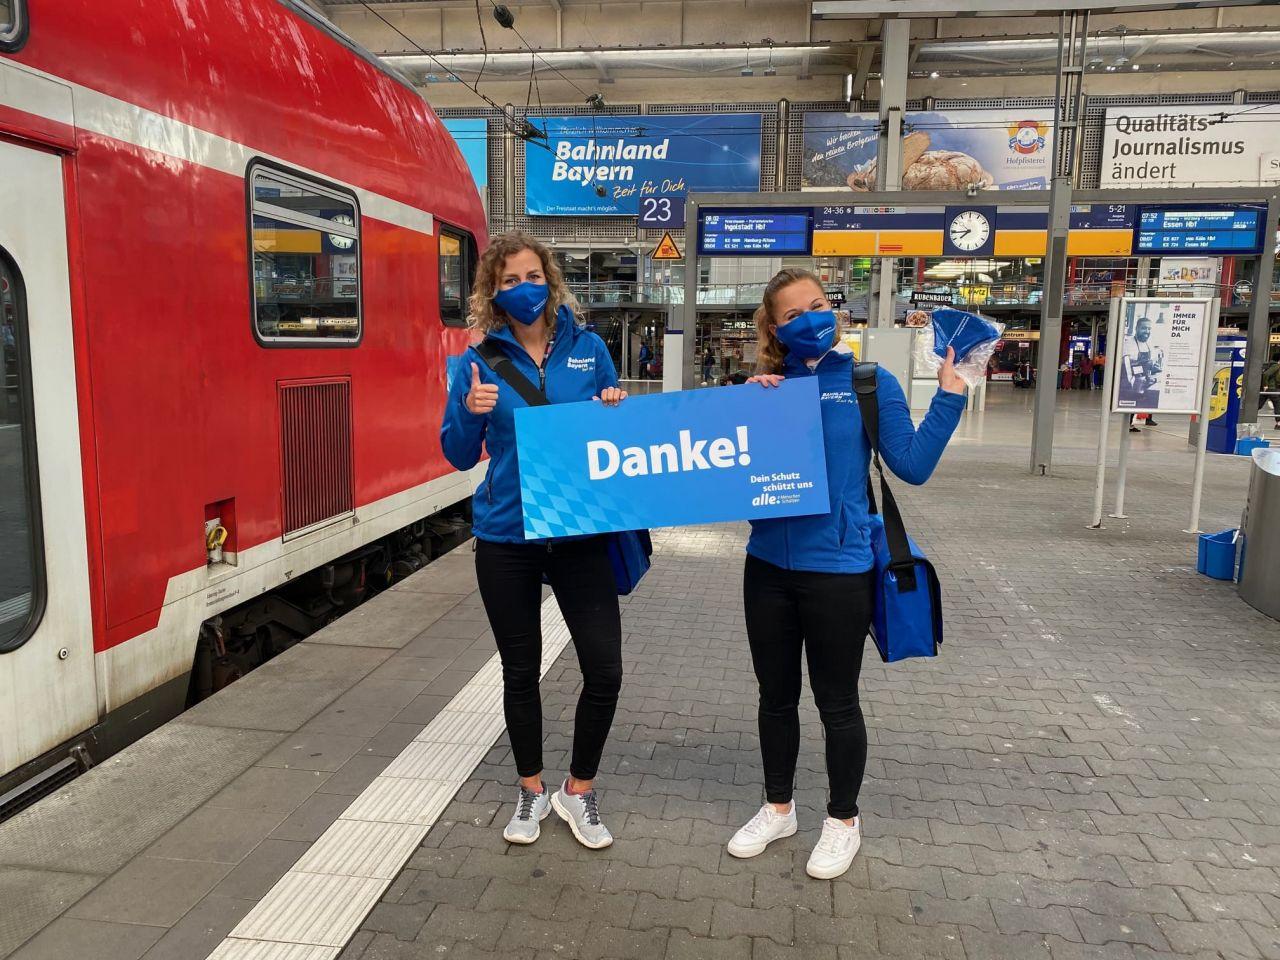 100.000 Masken für das Bahnland-Bayern